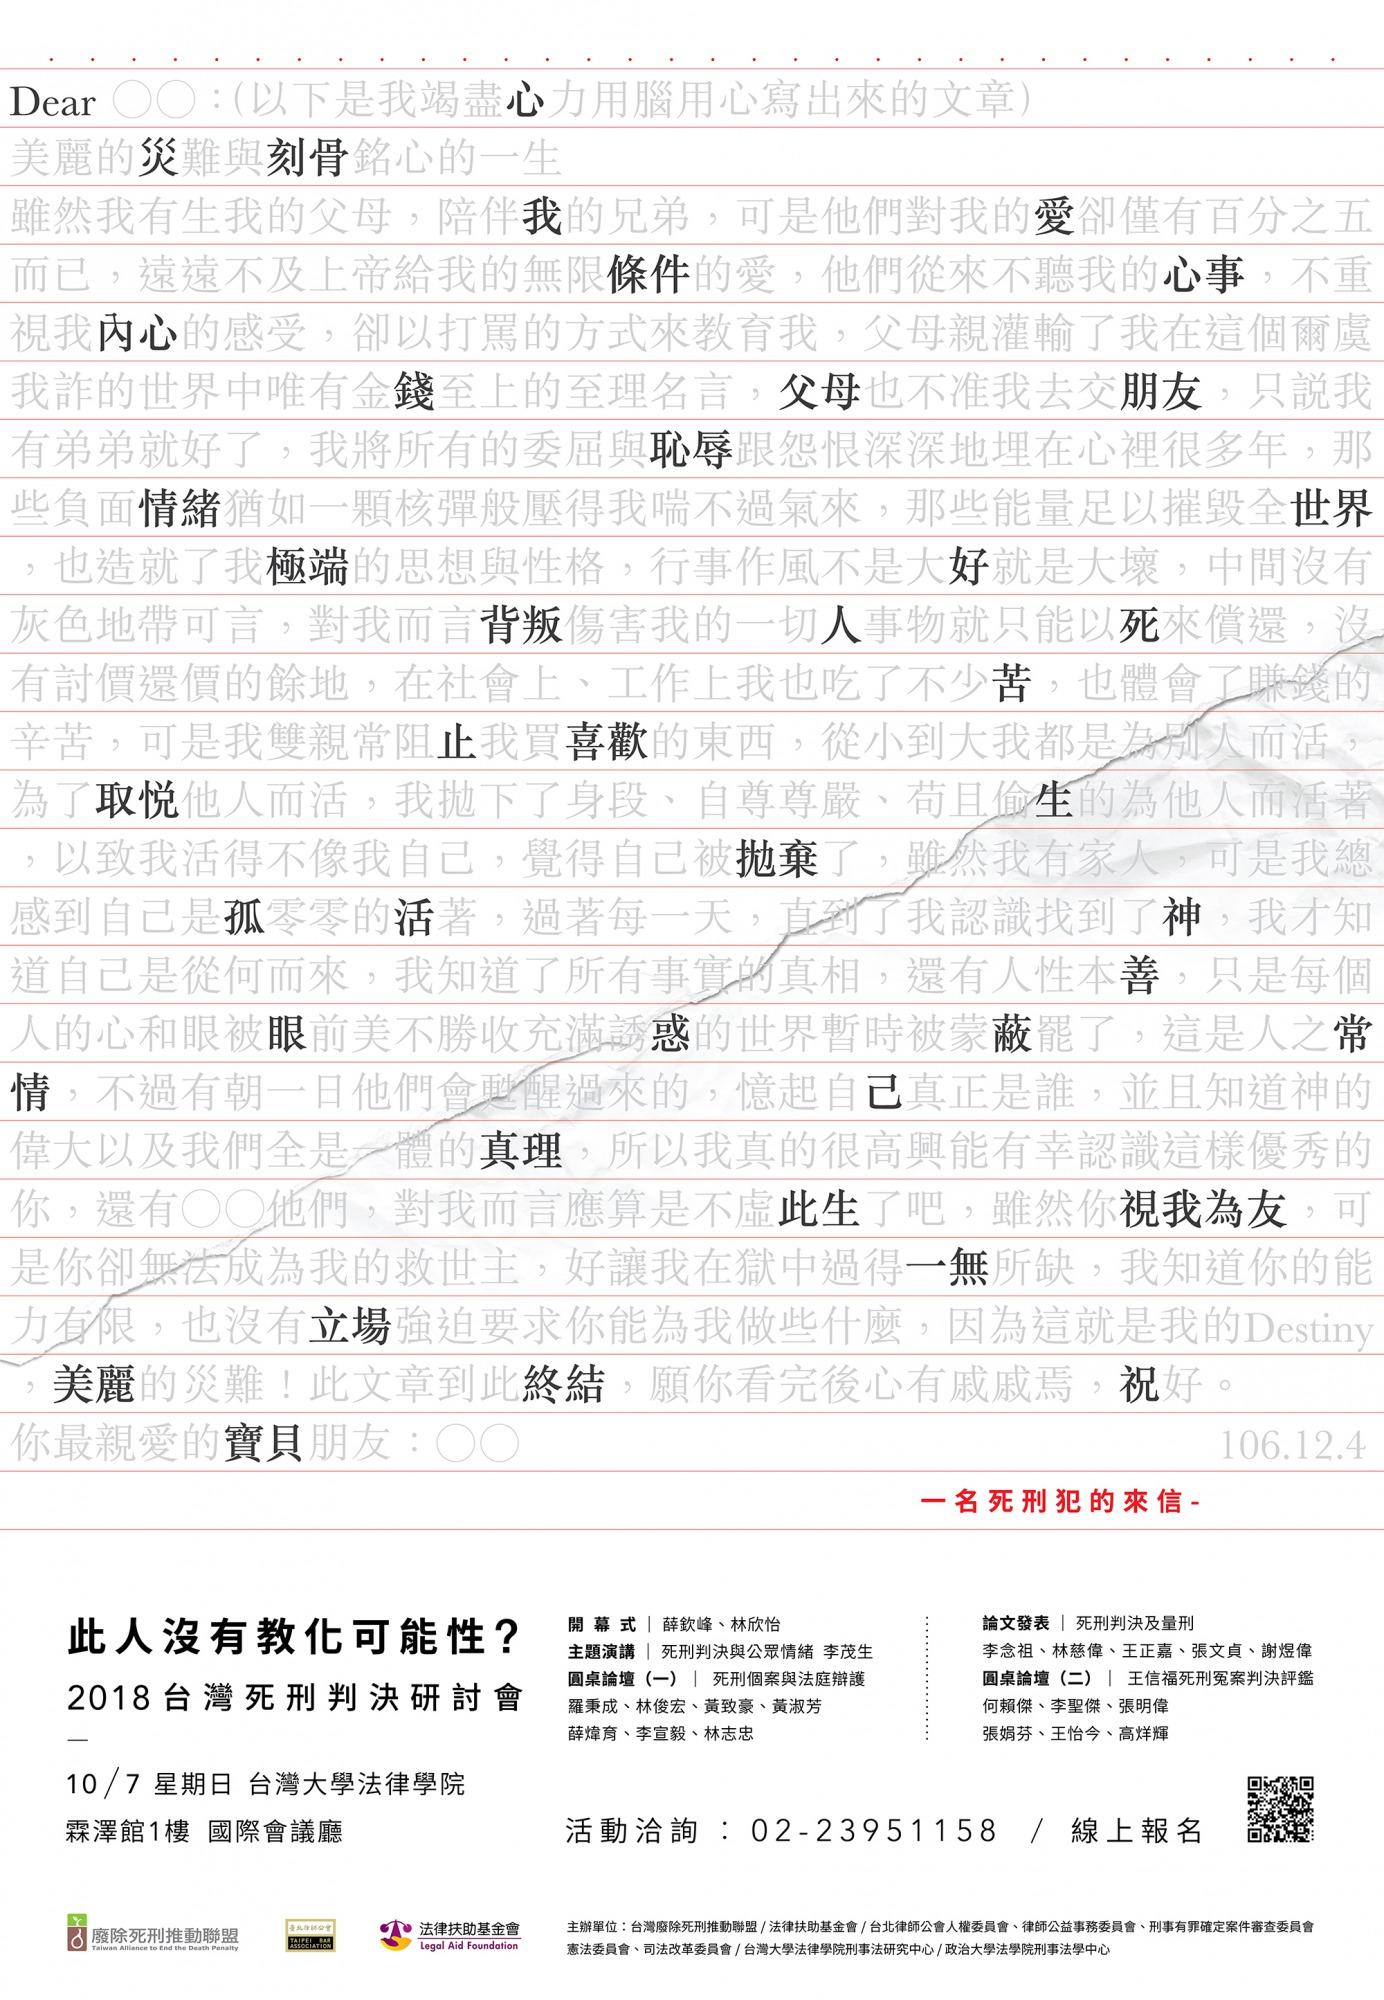 20180907_fei_si_lian_meng_yan_tao_hui_b2hai_bao_.jpg